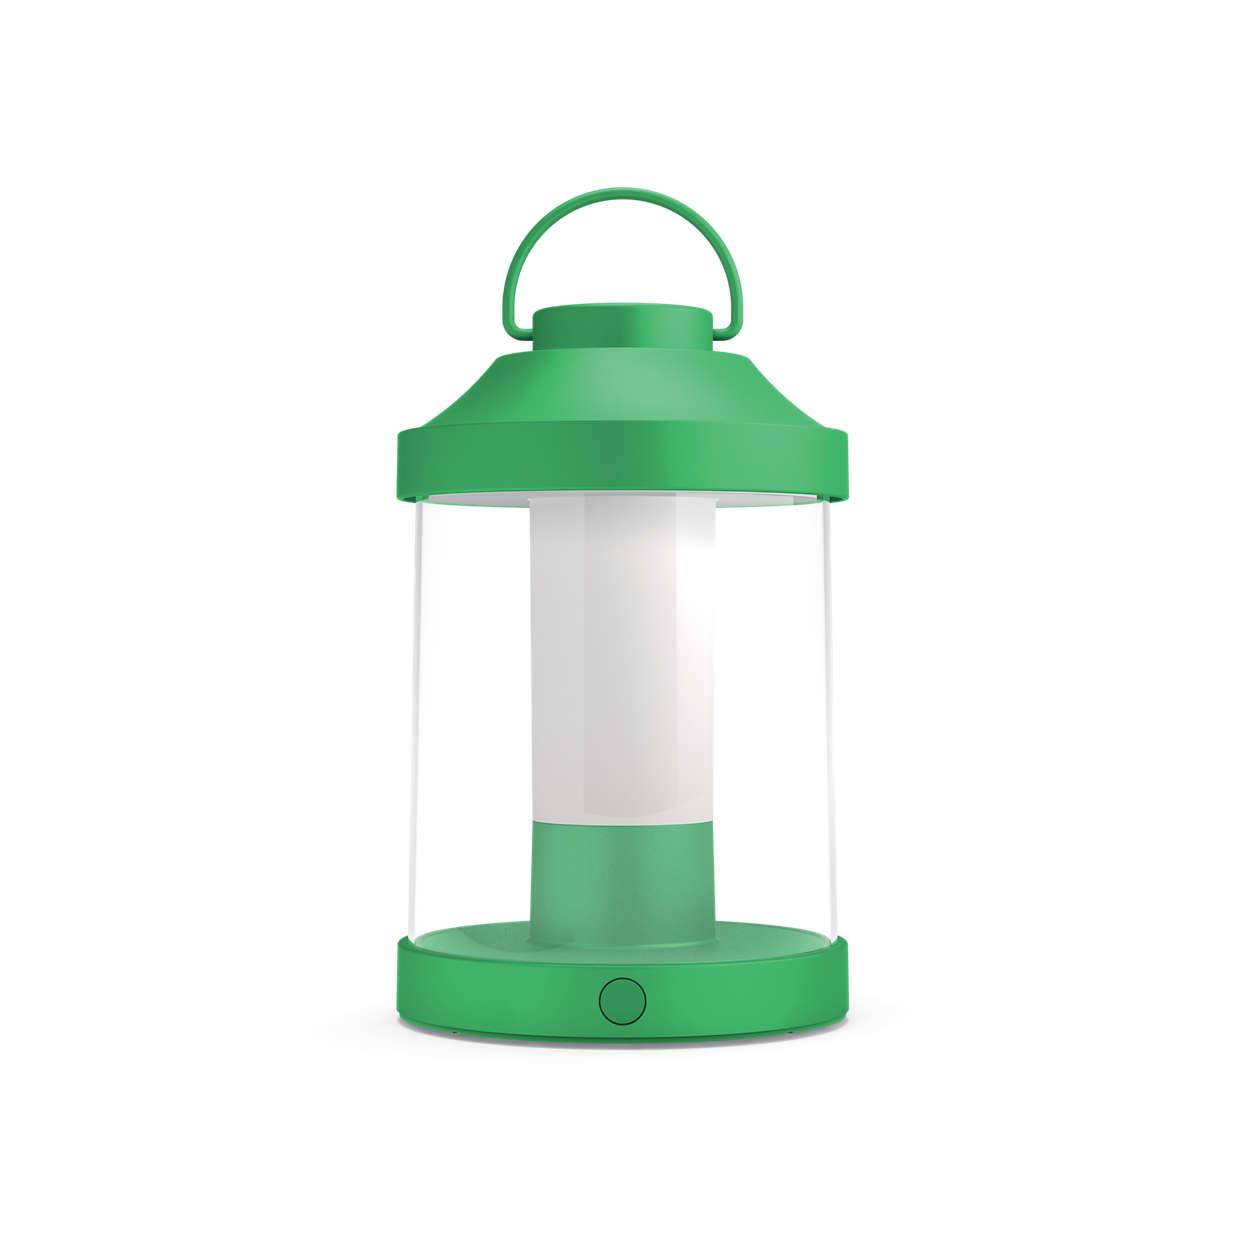 Profitez de vos soirées en extérieur avec un éclairage portable